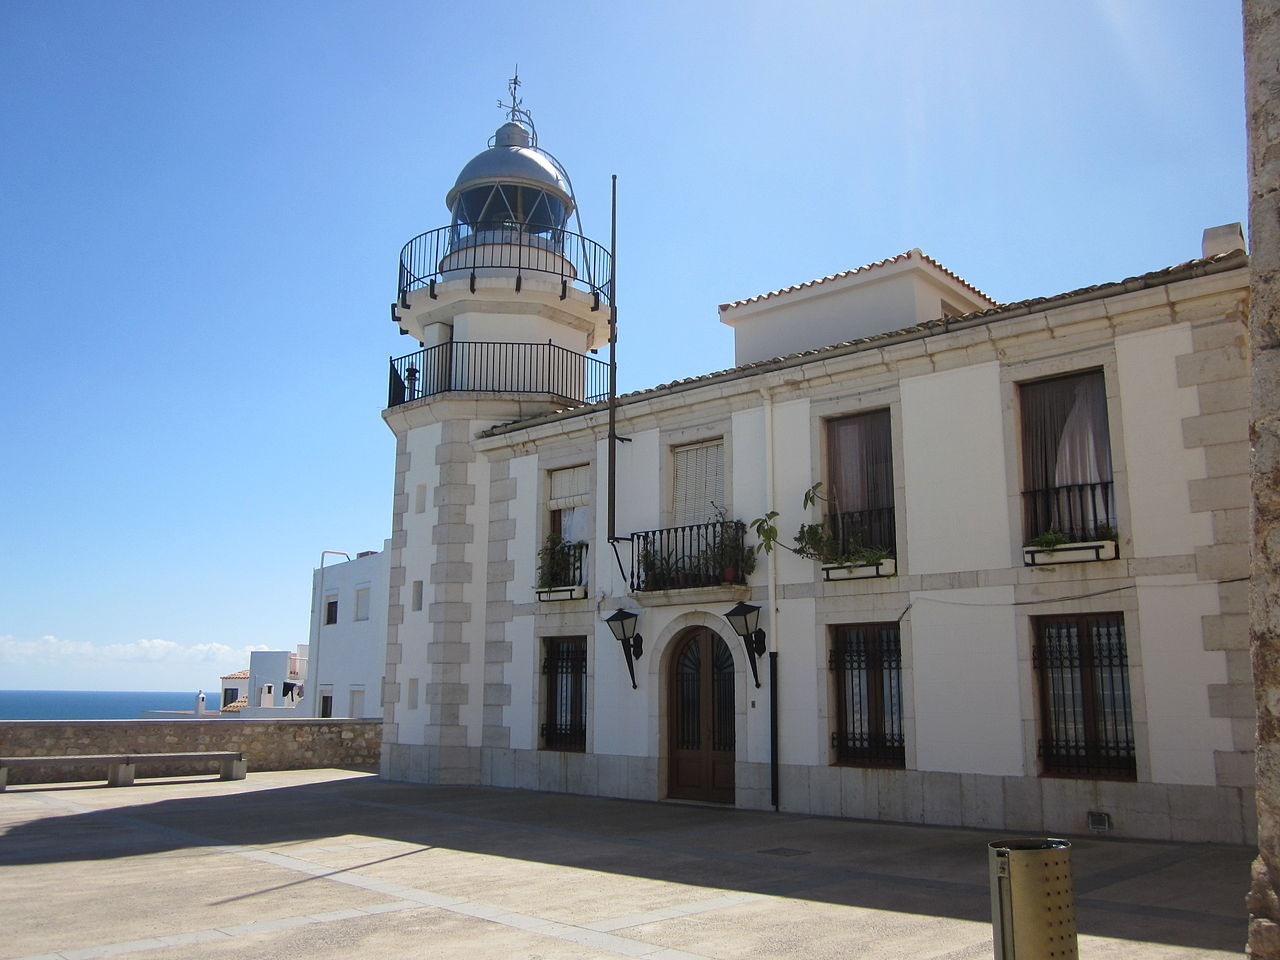 Las oficinas de información turística de Peñíscola han atendido 140.000 consultas en 2018